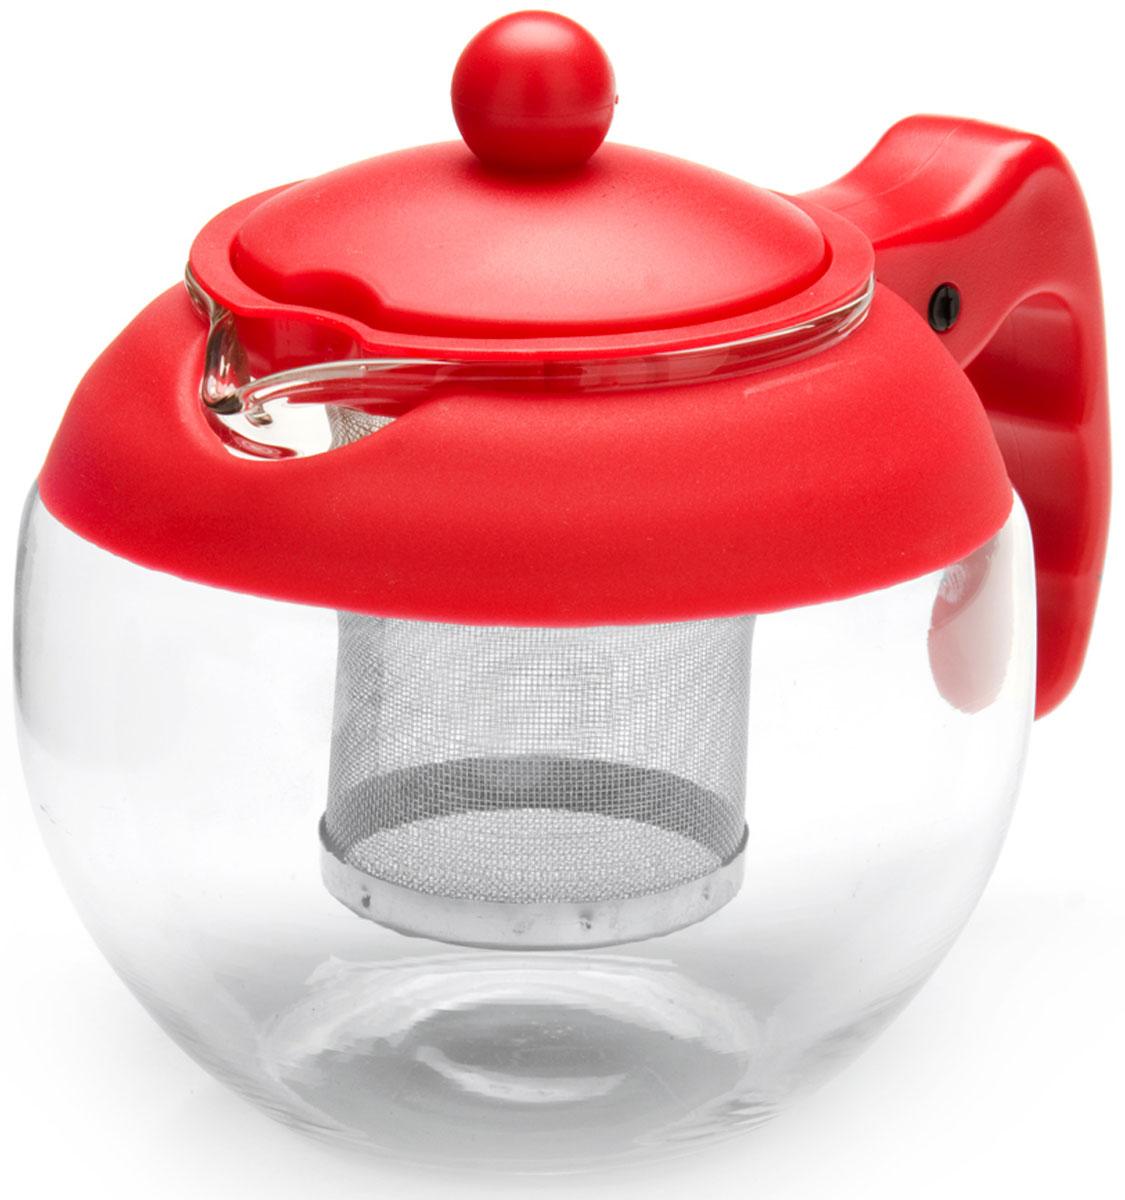 Чайник заварочный Mayer & Boch, с фильтром, цвет: красный, 750 мл. 26174-126174-1Заварочный чайник Mayer & Boch изготовлен из термостойкого боросиликатного стекла, фильтр выполнен из нержавеющей стали. Изделия из стекла не впитывают запахи, благодаря чему вы всегда получите натуральный, насыщенный вкус и аромат напитков. Заварочный чайник из стекла удобно использовать для повседневного заваривания чая практически любого сорта. Но цветочные, фруктовые, красные и желтые сорта чая лучше других раскрывают свой вкус и аромат при заваривании именно в стеклянных чайниках, а также сохраняют все полезные ферменты и витамины, содержащиеся в чайных листах. Стальной фильтр гарантирует прозрачность и чистоту напитка от чайных листьев, при этом сохранив букет и насыщенность чая.Прозрачные стенки чайника дают возможность насладиться насыщенным цветом заваренного чая. Изящный заварочный чайник Mayer & Boch будет прекрасно смотреться в любом интерьере. Подходит для мытья в посудомоечной машине.